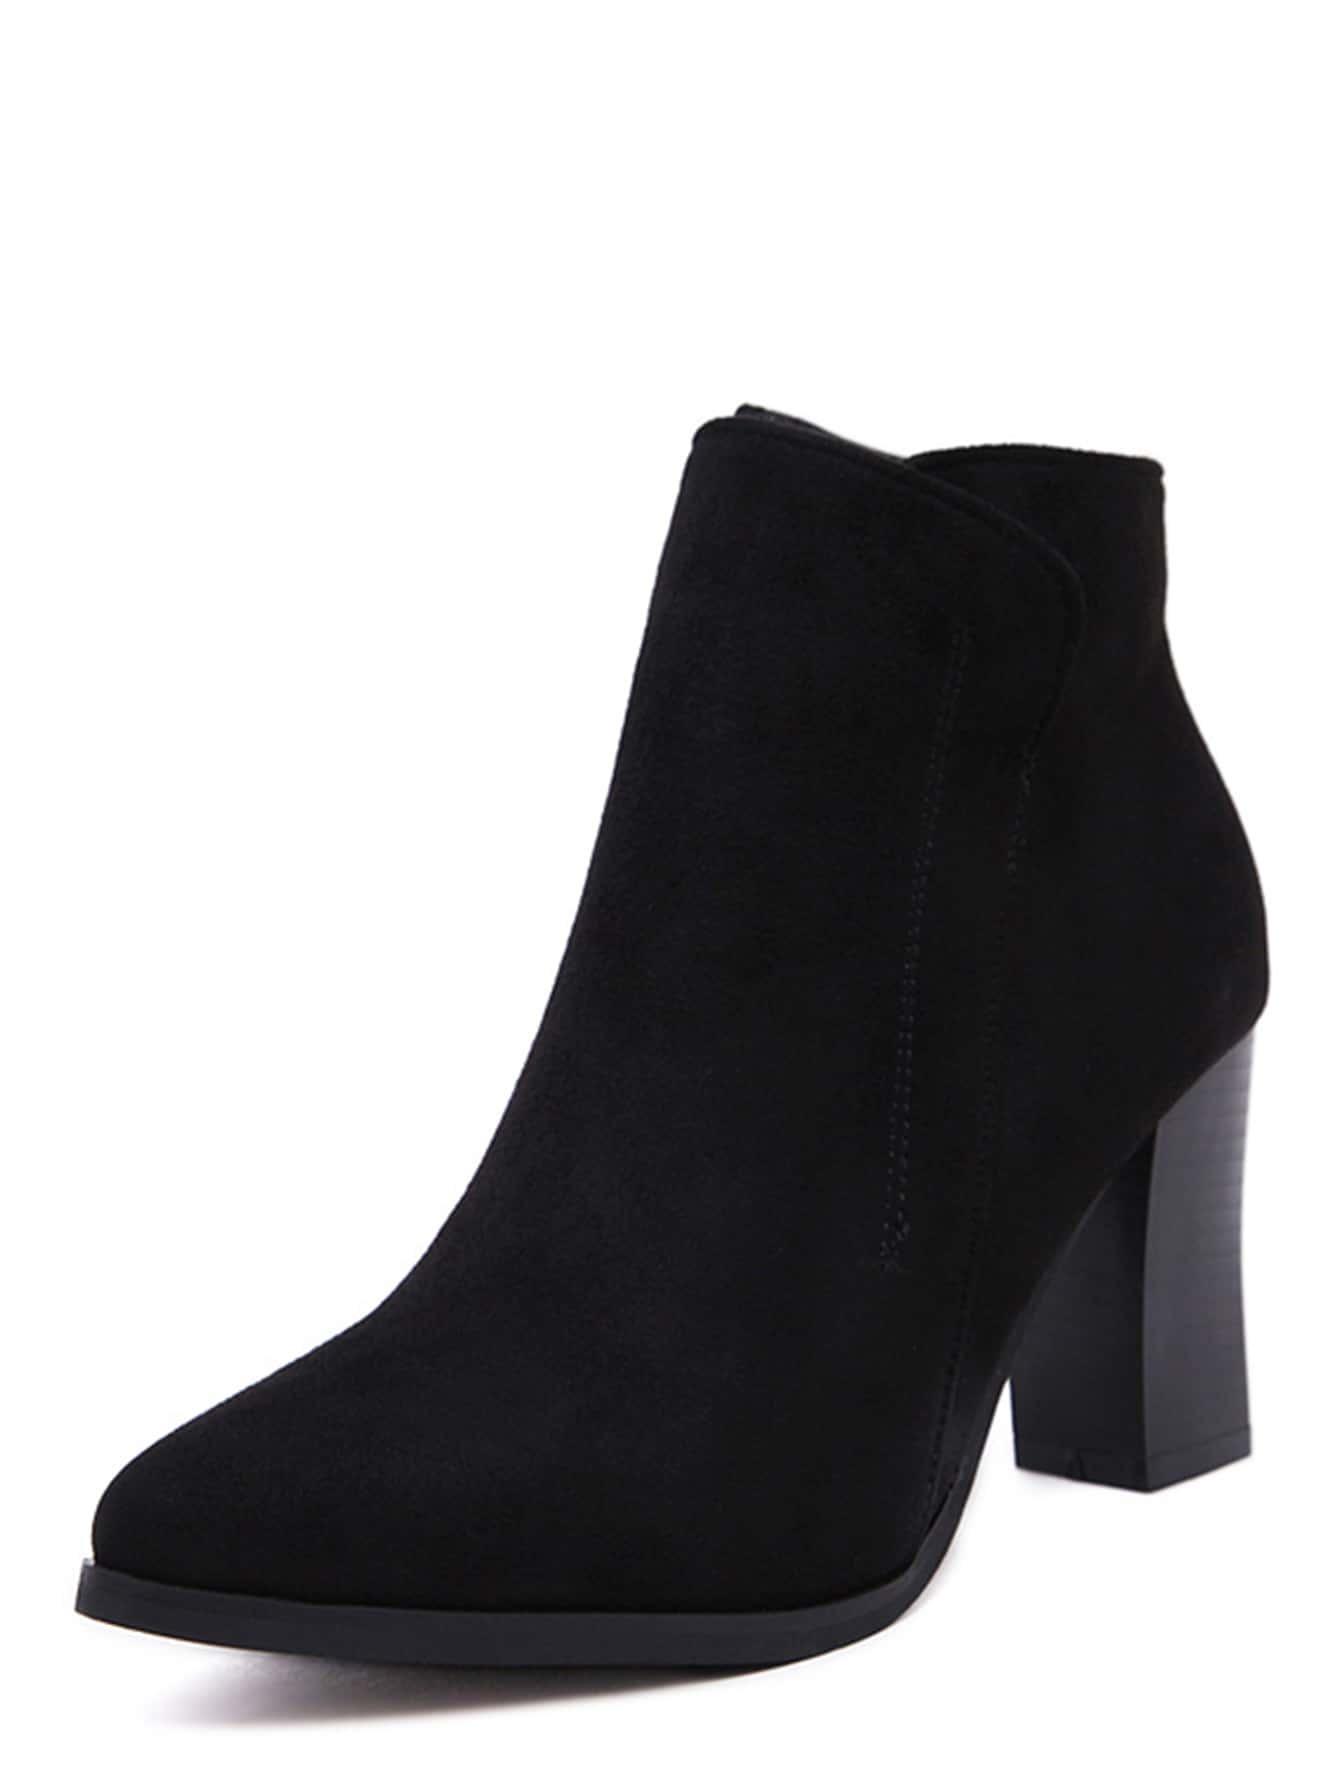 shoes160817812_2